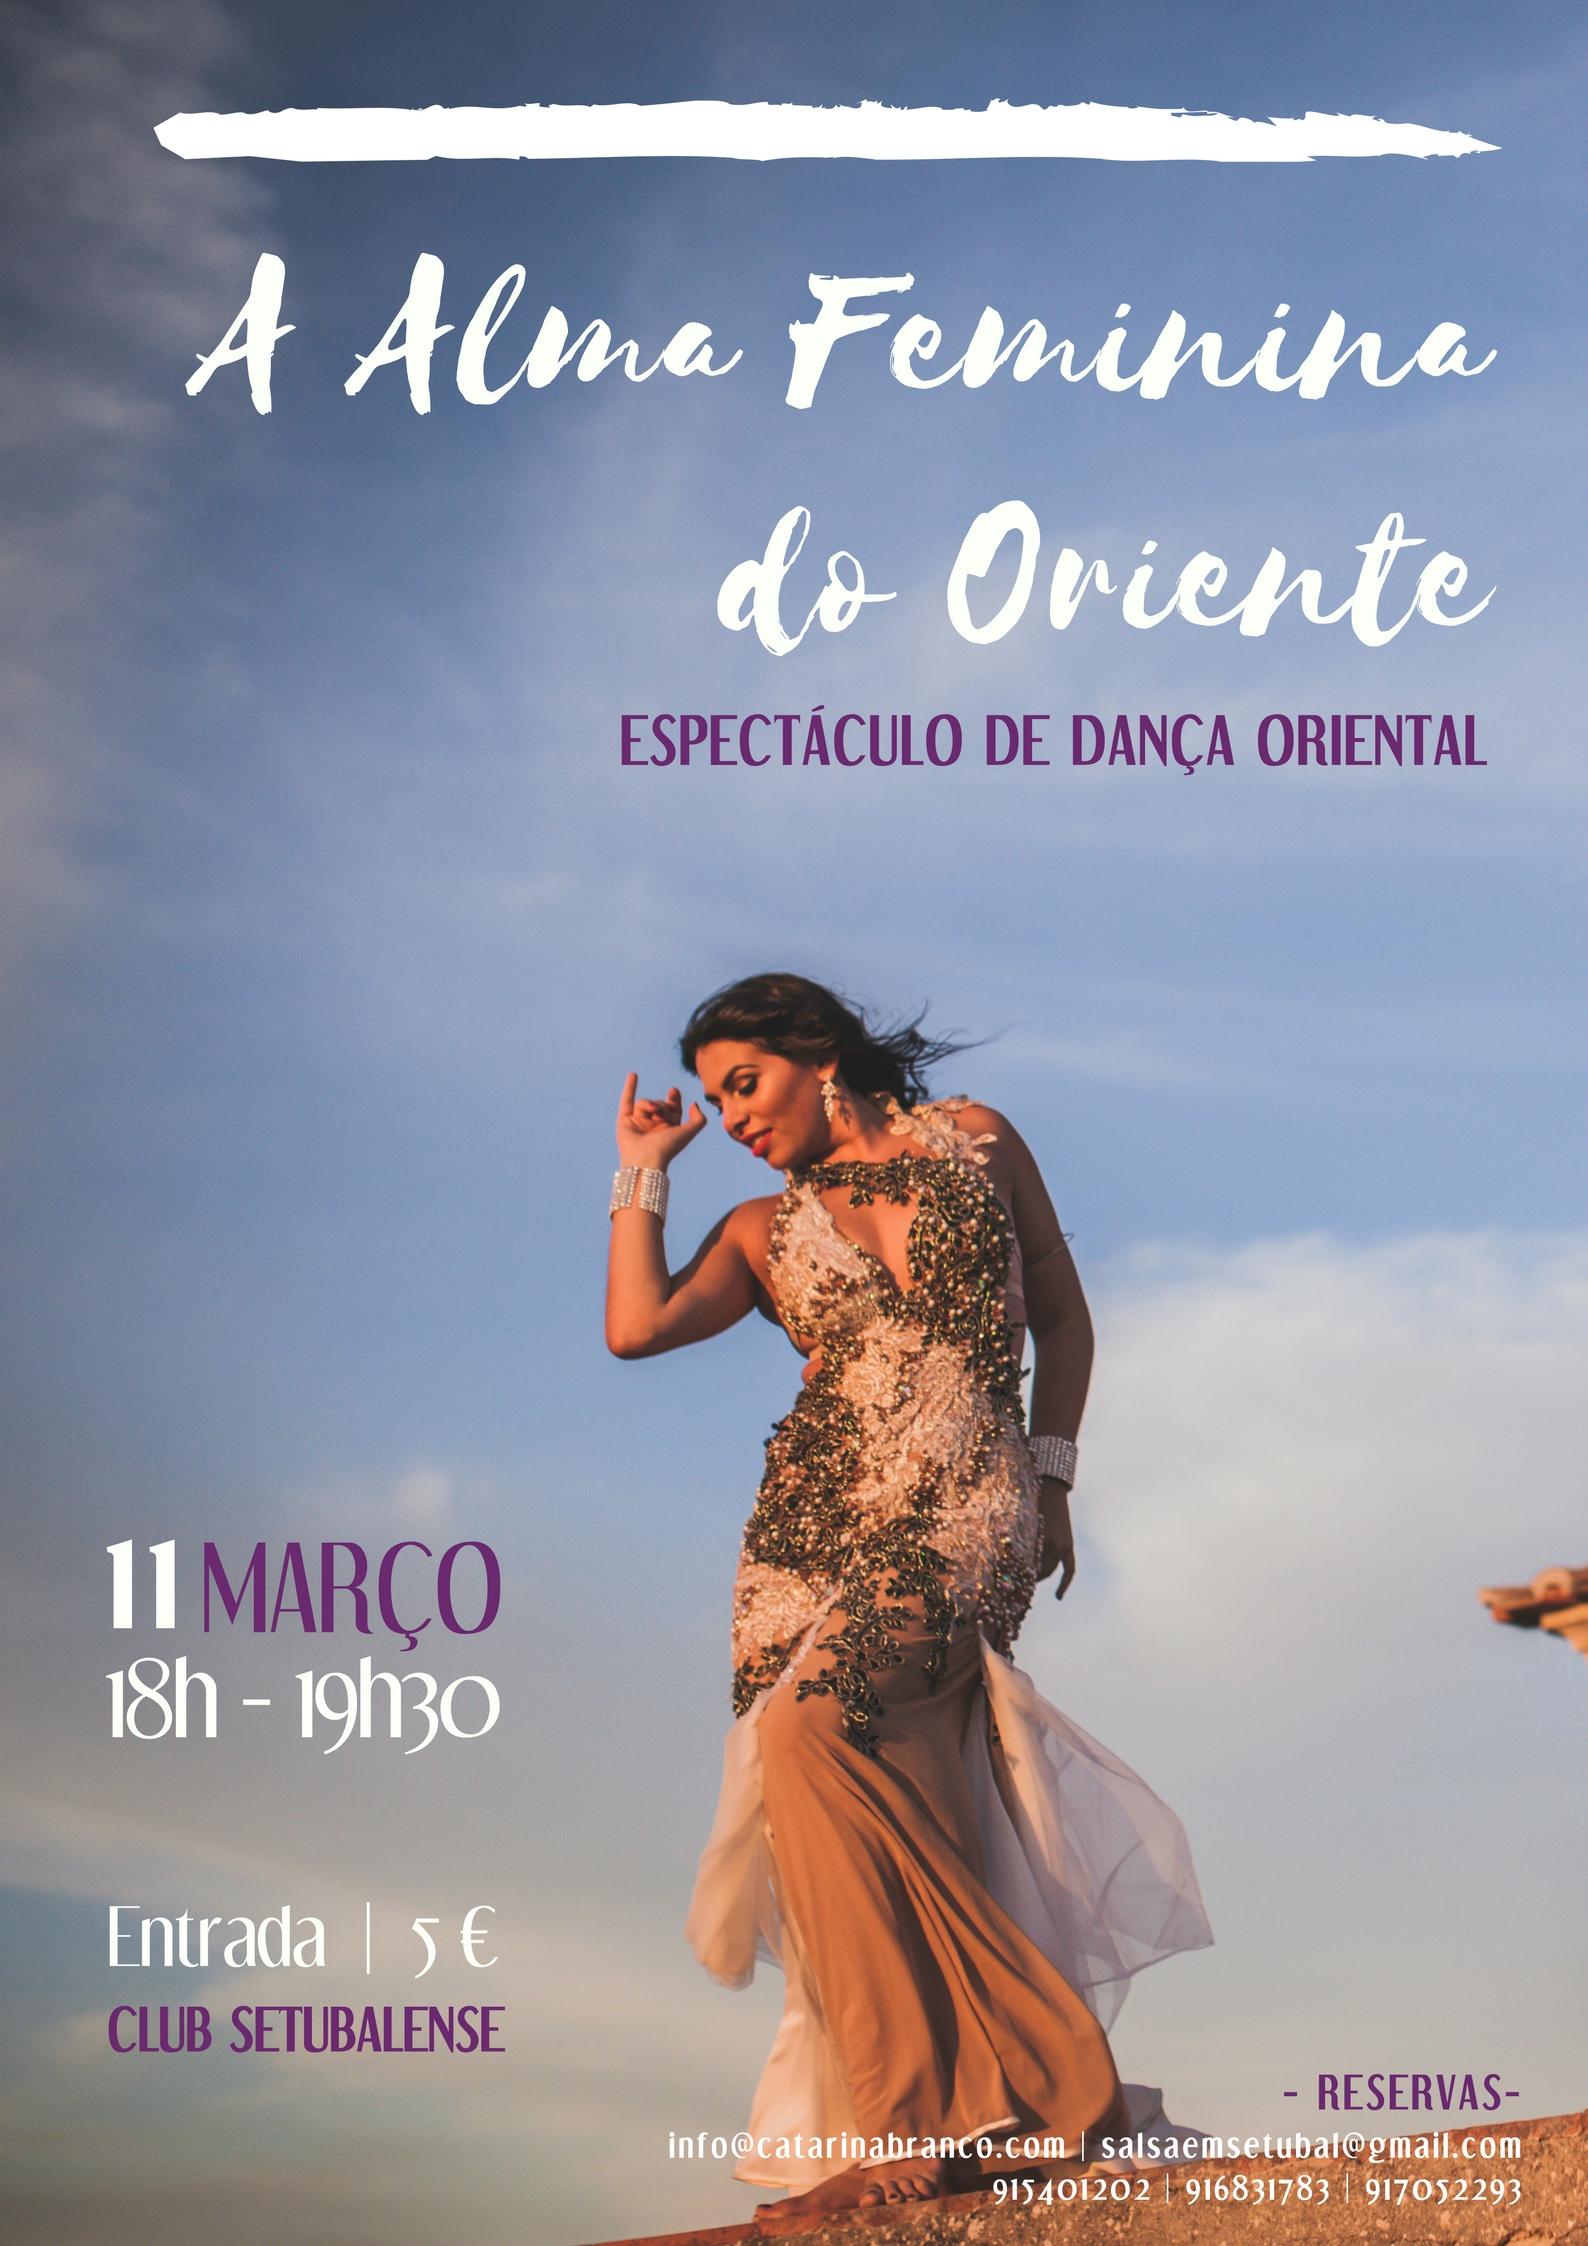 A Alma FEMININA DO ORIENTE (finalissimo 2).jpg